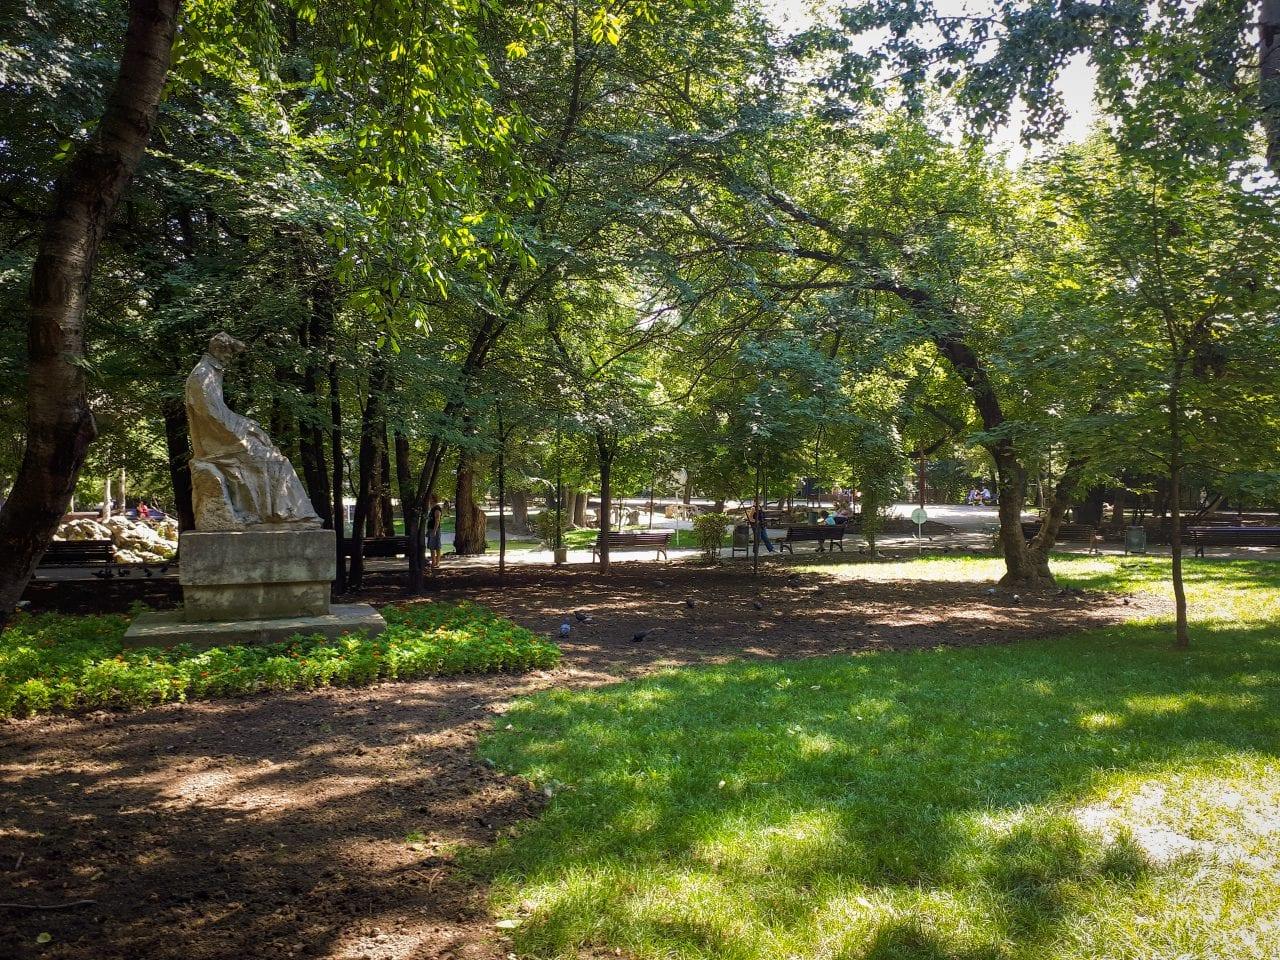 20180805 130927 - Parcul Ioanid, un monument istoric cu personalitate puternică